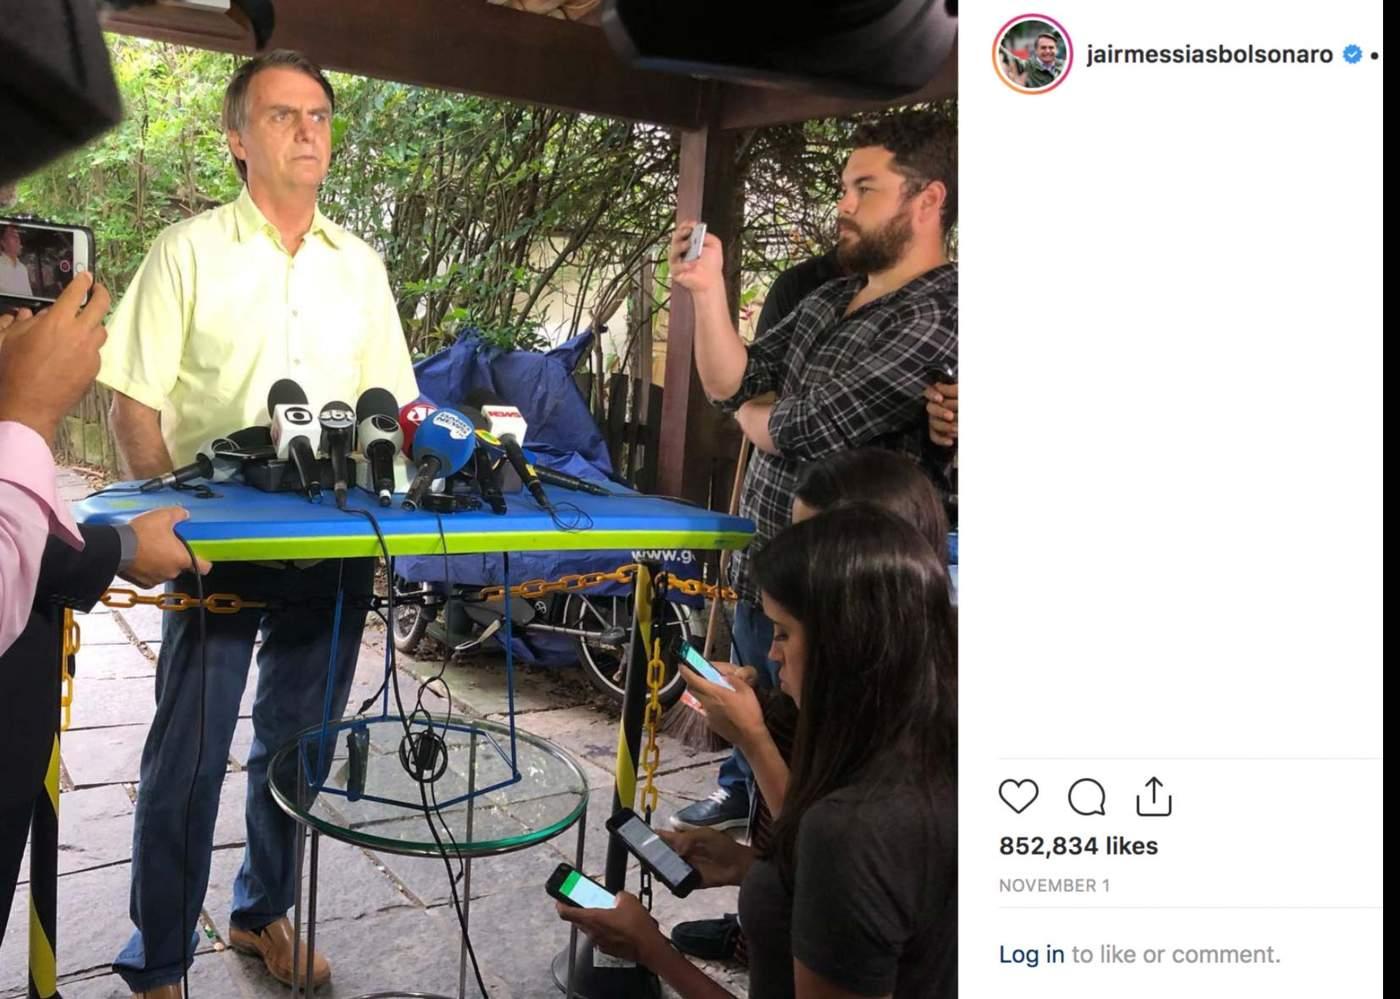 Coletiva de imprensa de Bolsonaro em sua casa após resultado da eleição; os microfones de jornalistas foram colocados em cima de uma prancha